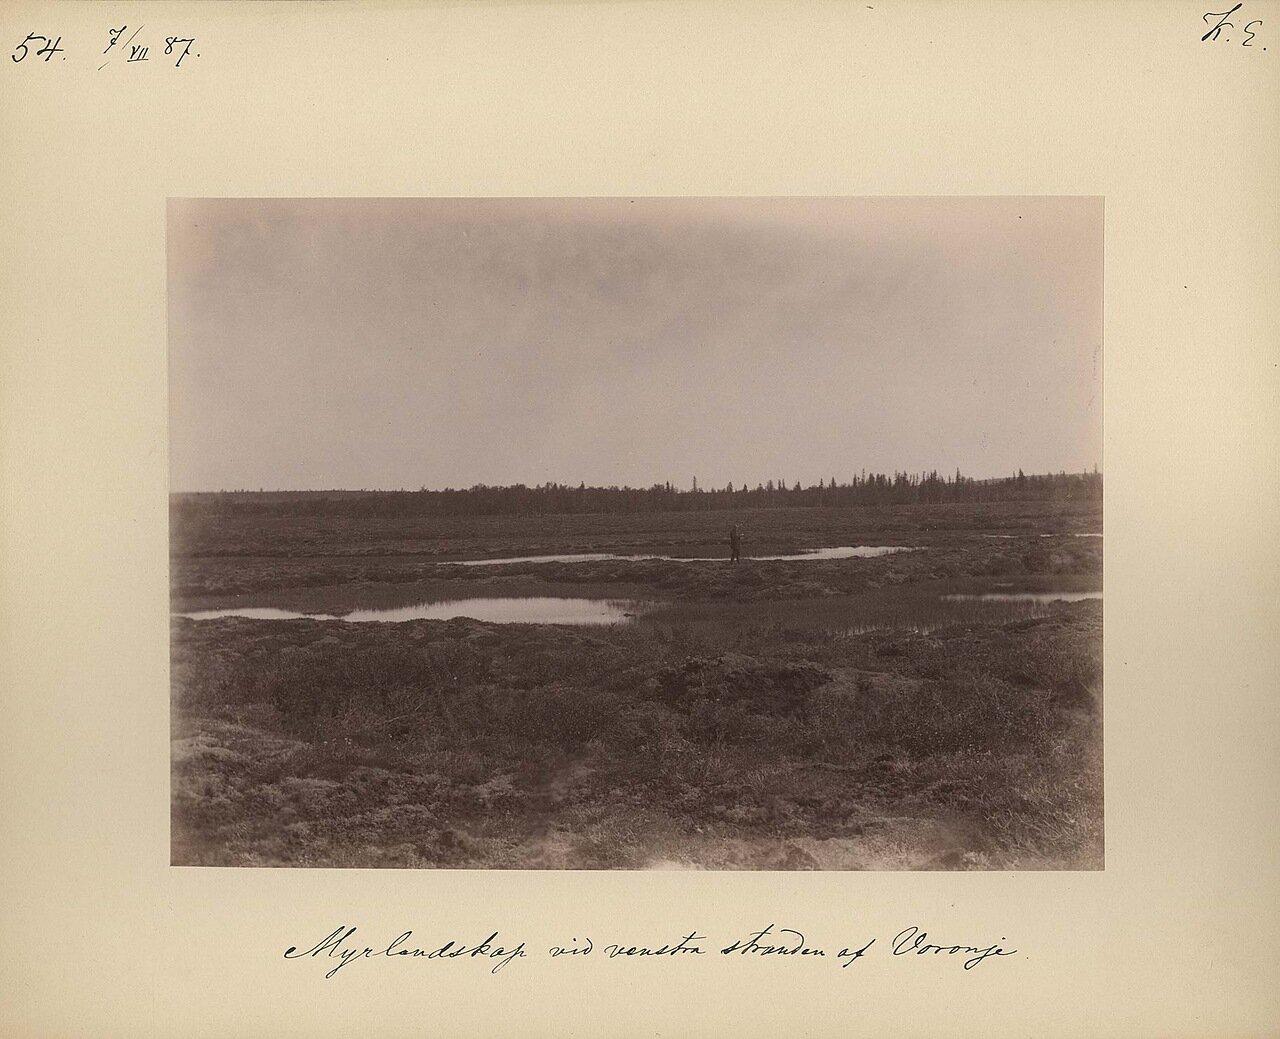 17.7.1887 в 7-8 часов утра. Заболоченная местность на Вороньем острове